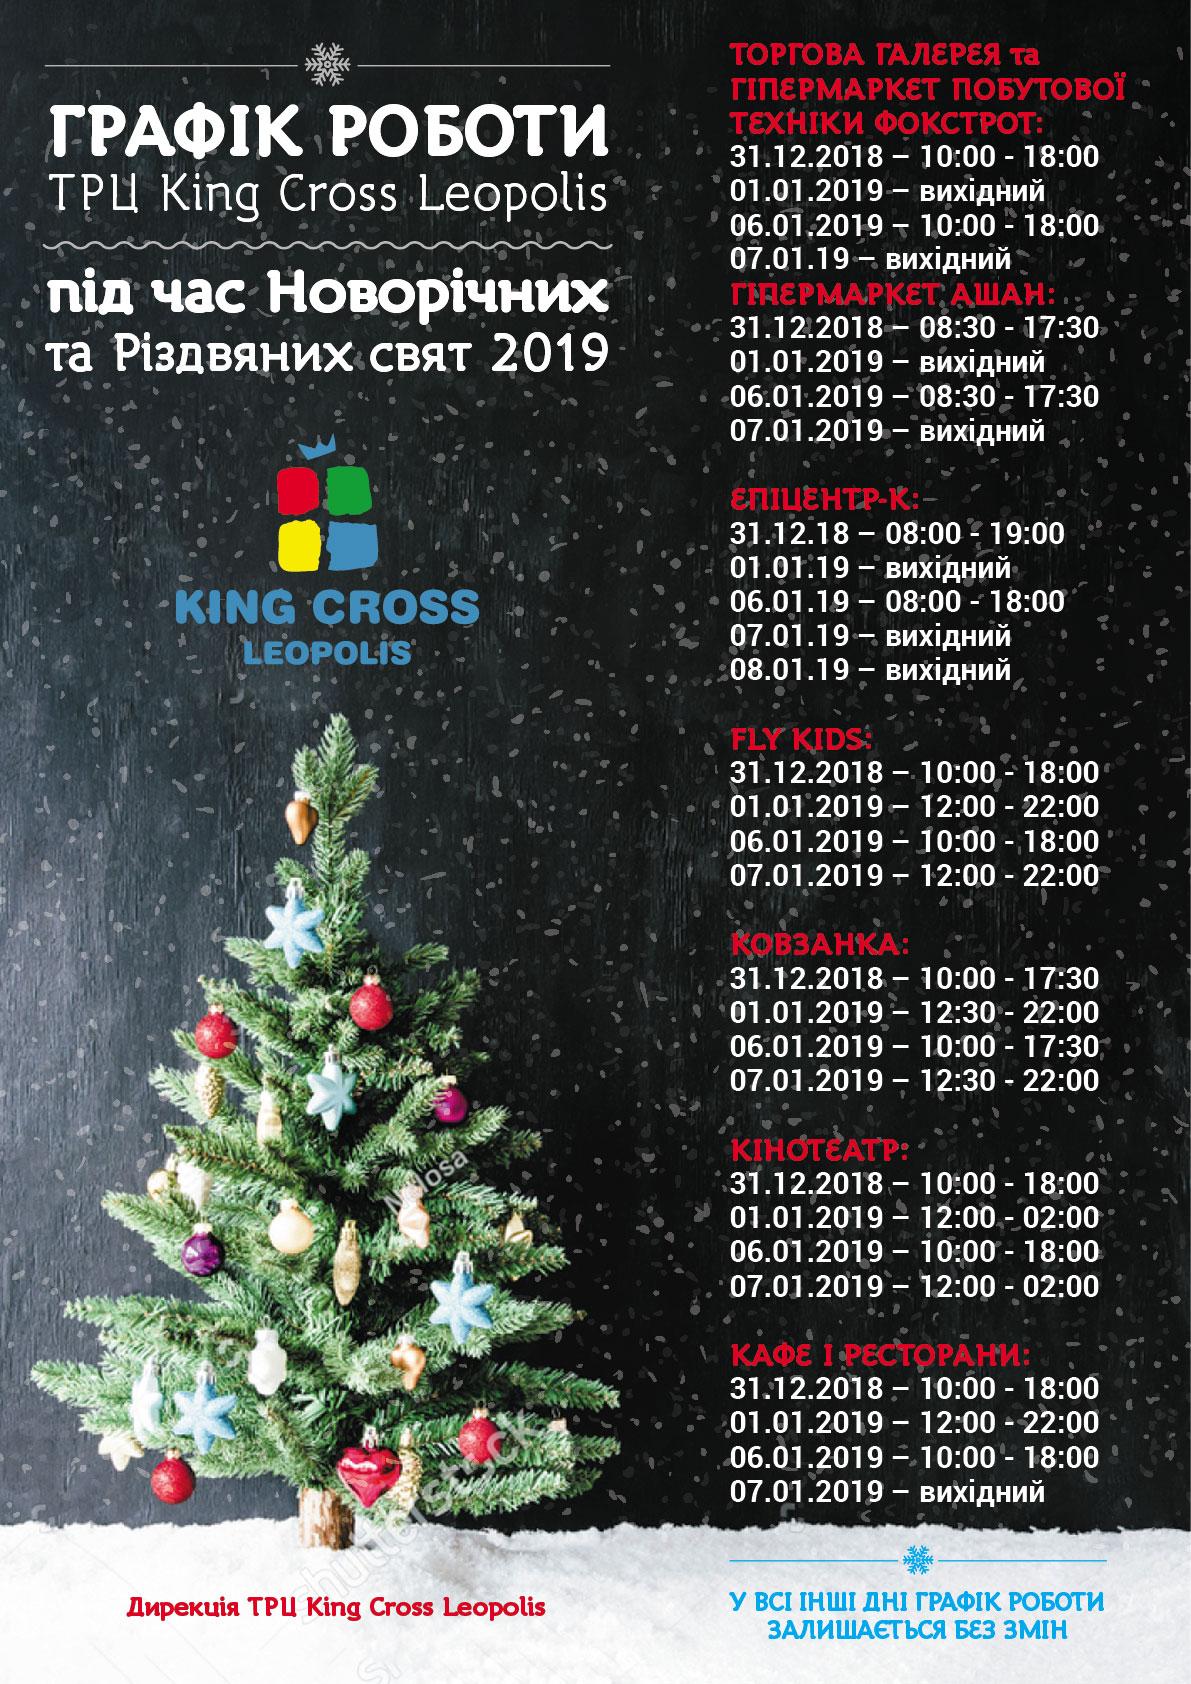 Графік роботи ТРЦ King Cross Leopolis під час Новорічних та Різдвяних свят!